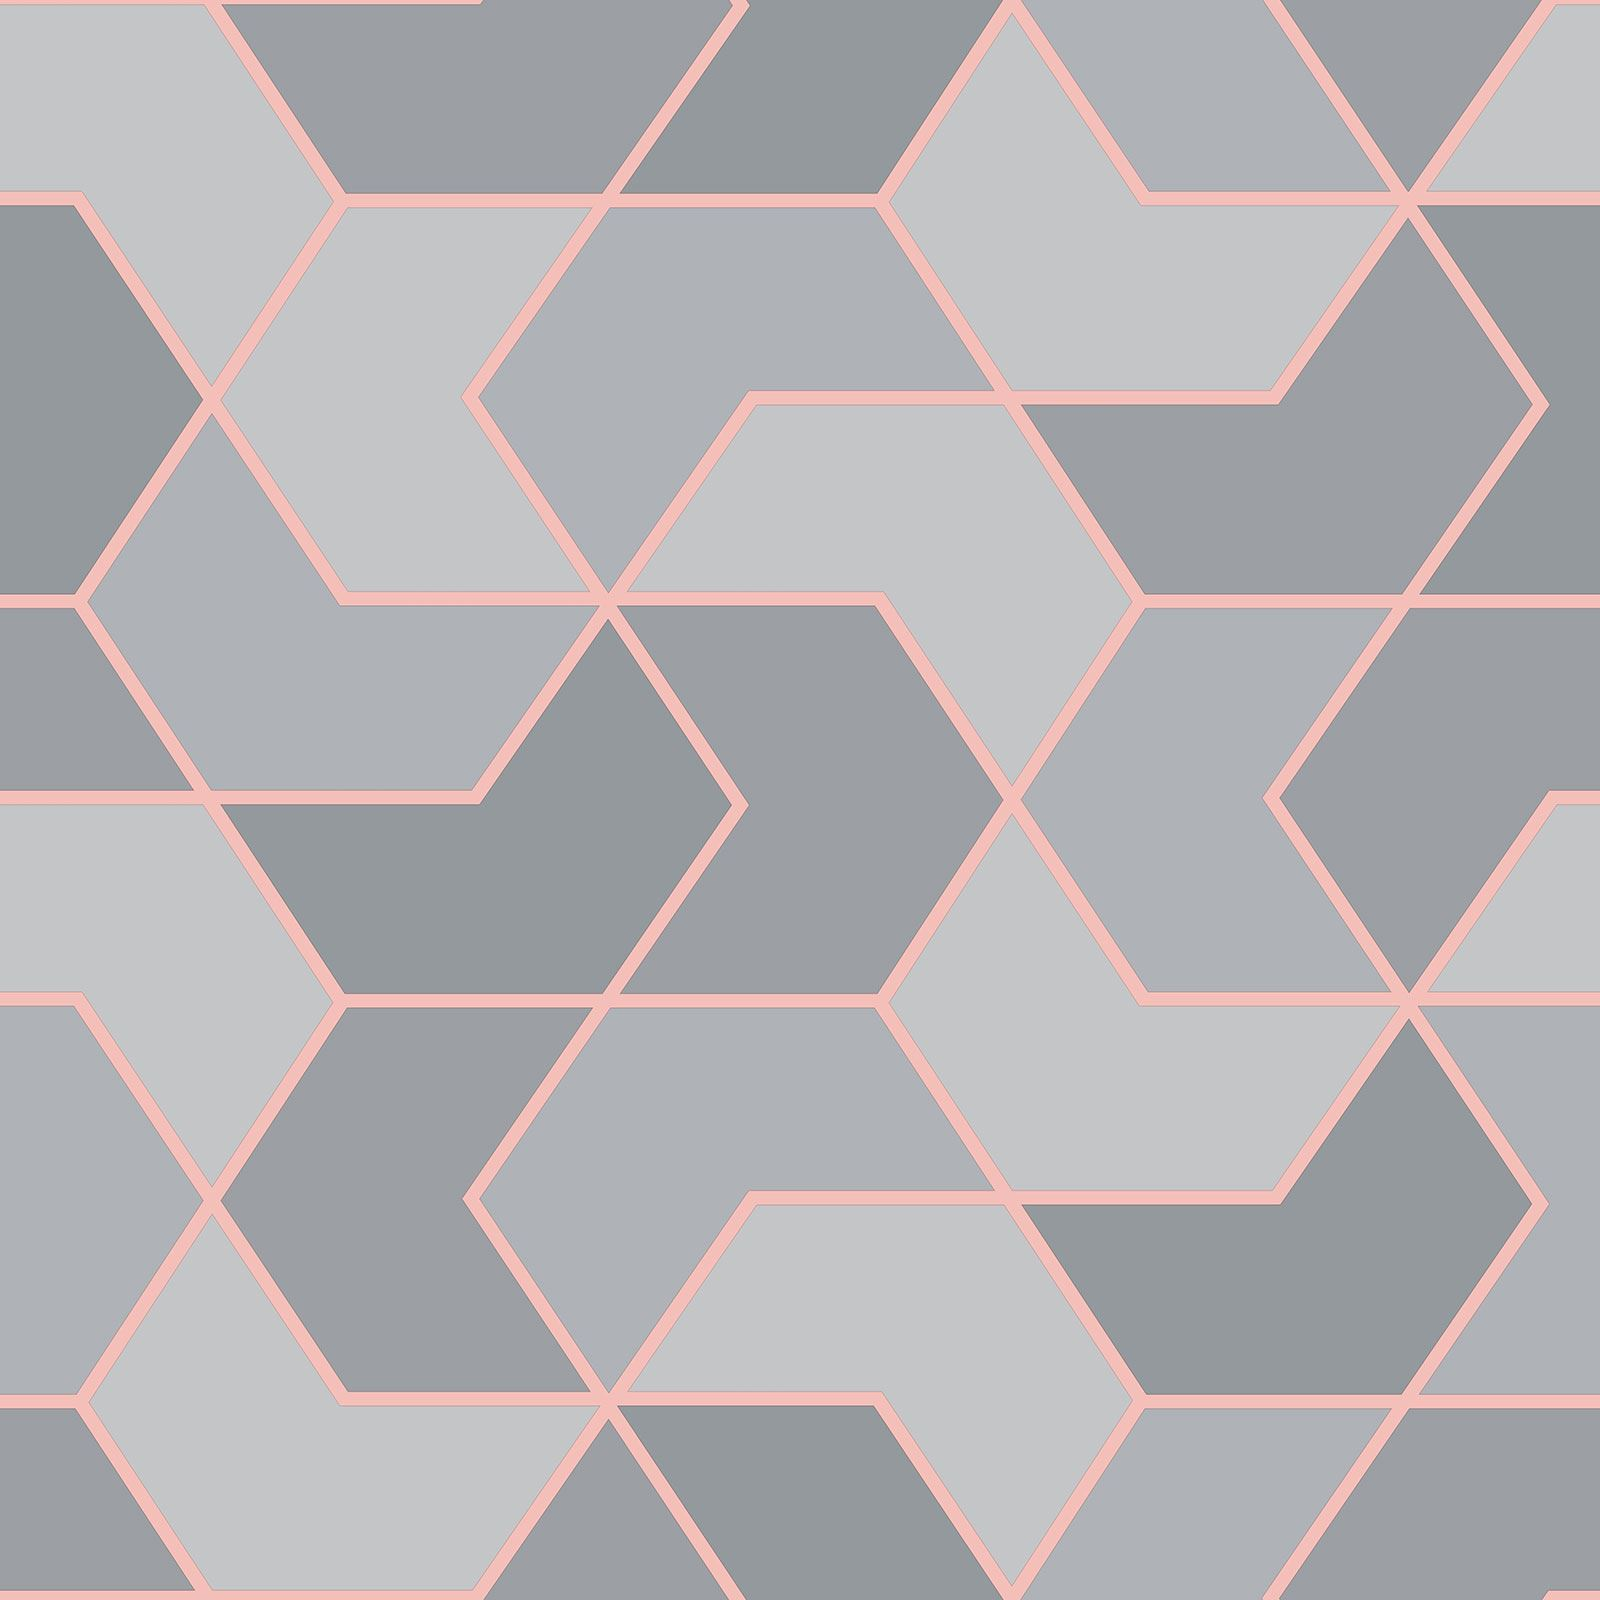 Indexbild 2 - RASCH Portfolio Sechskant Geometrische Tapete Glitzer Metallisch - Rose Gold